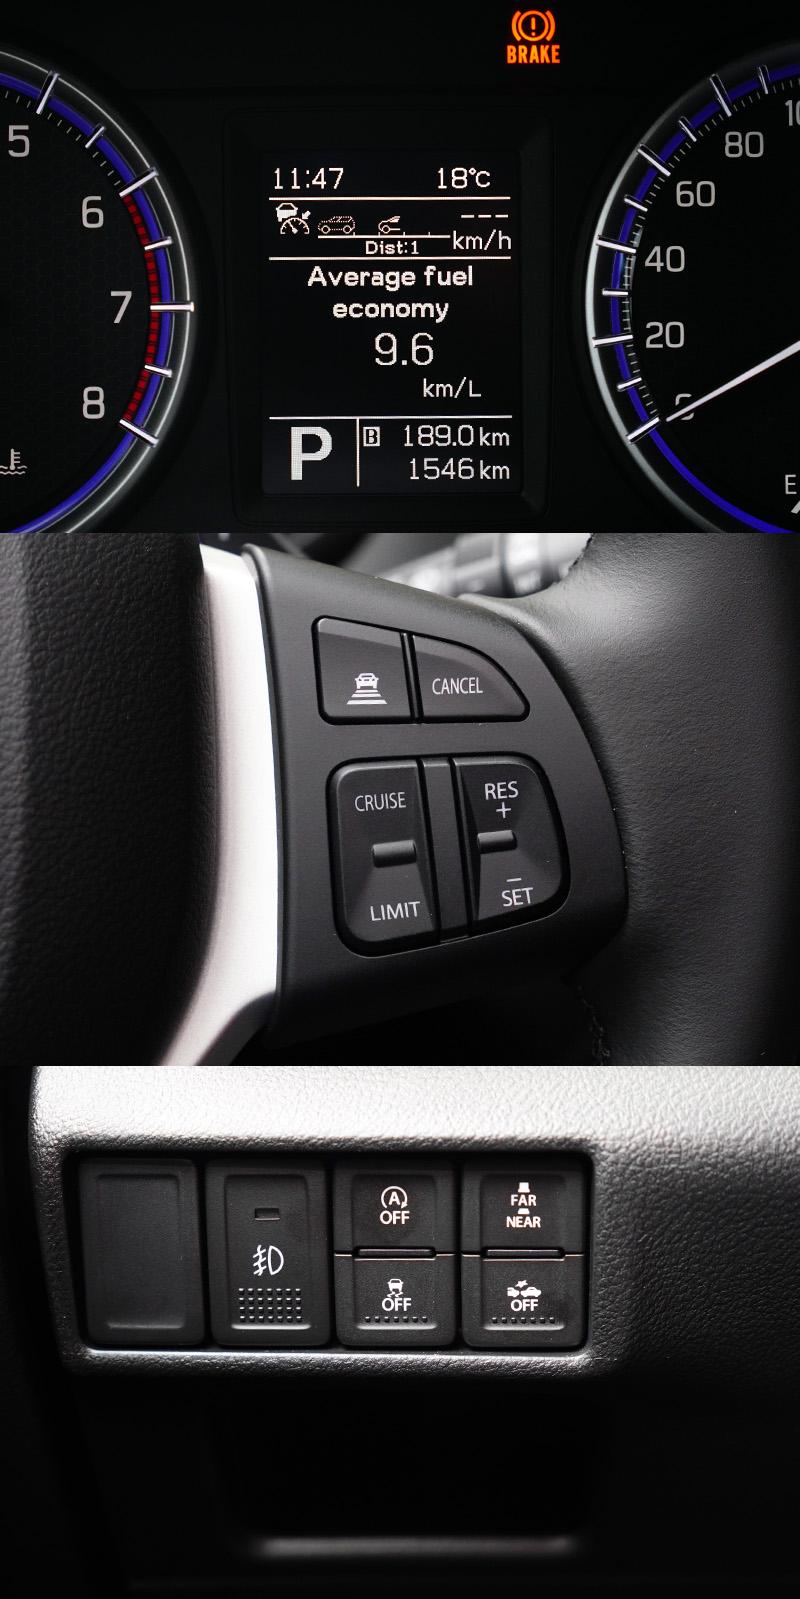 新年式SX4最大的改變就是新增了ACC主動式車距巡航系統與RBS雷達感知煞車輔助兩項目前主流的主動安全配備。